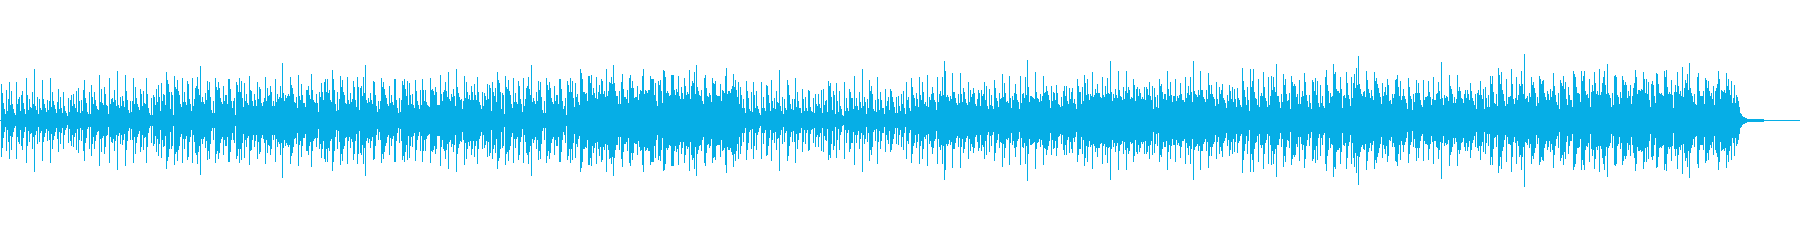 ピアノ/モード・ジャズ風の再生済みの波形